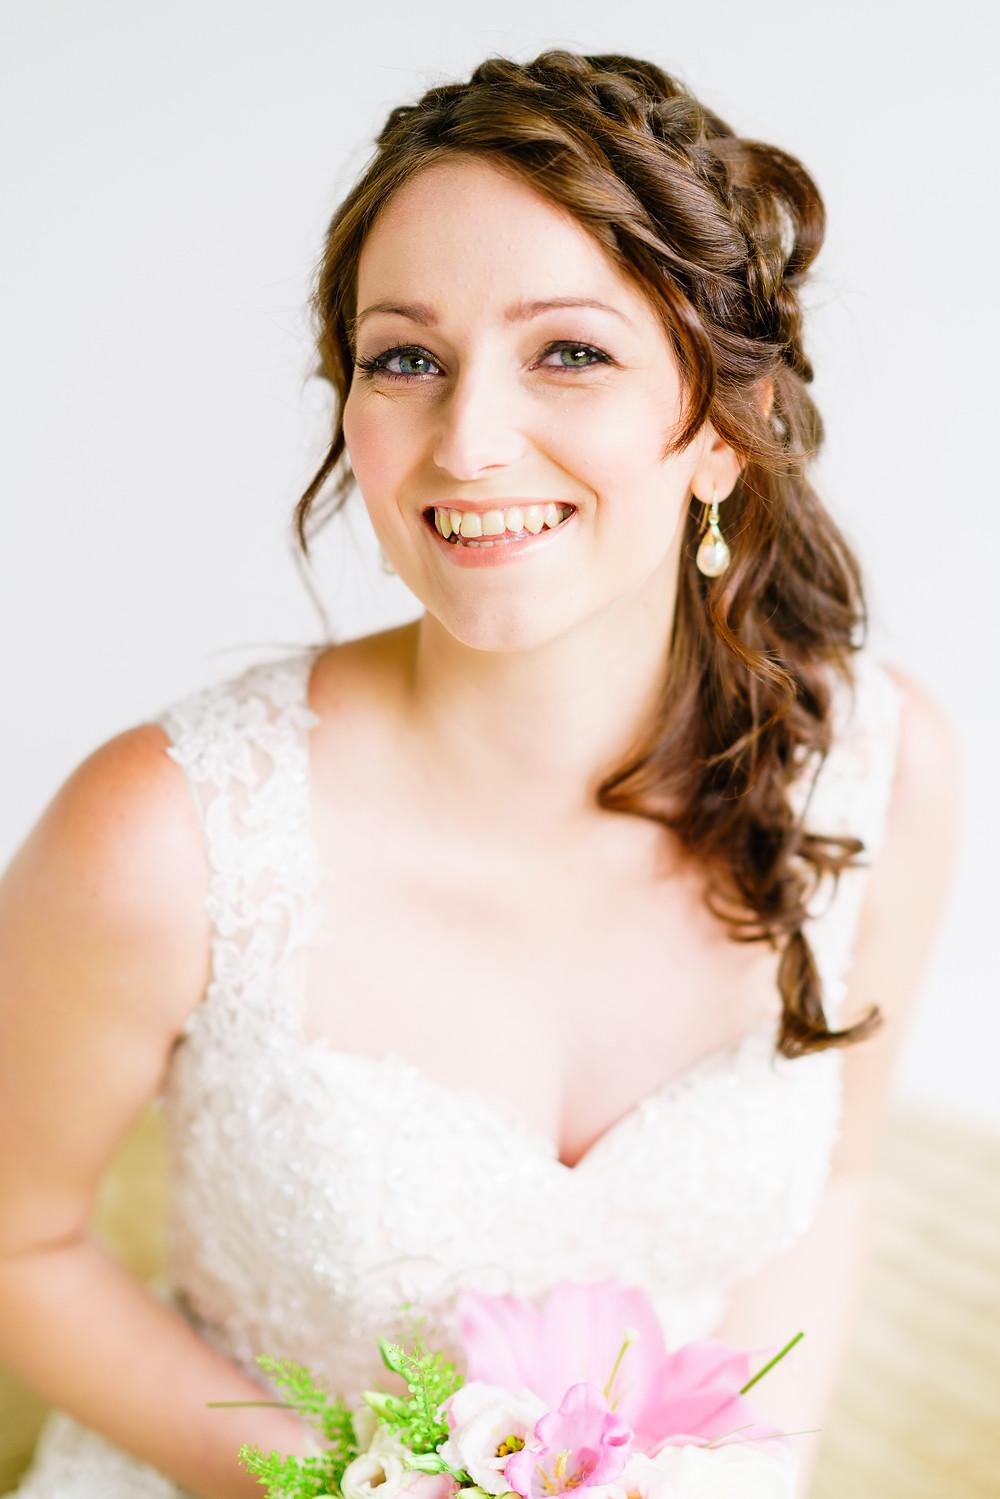 Romantic and pretty bride